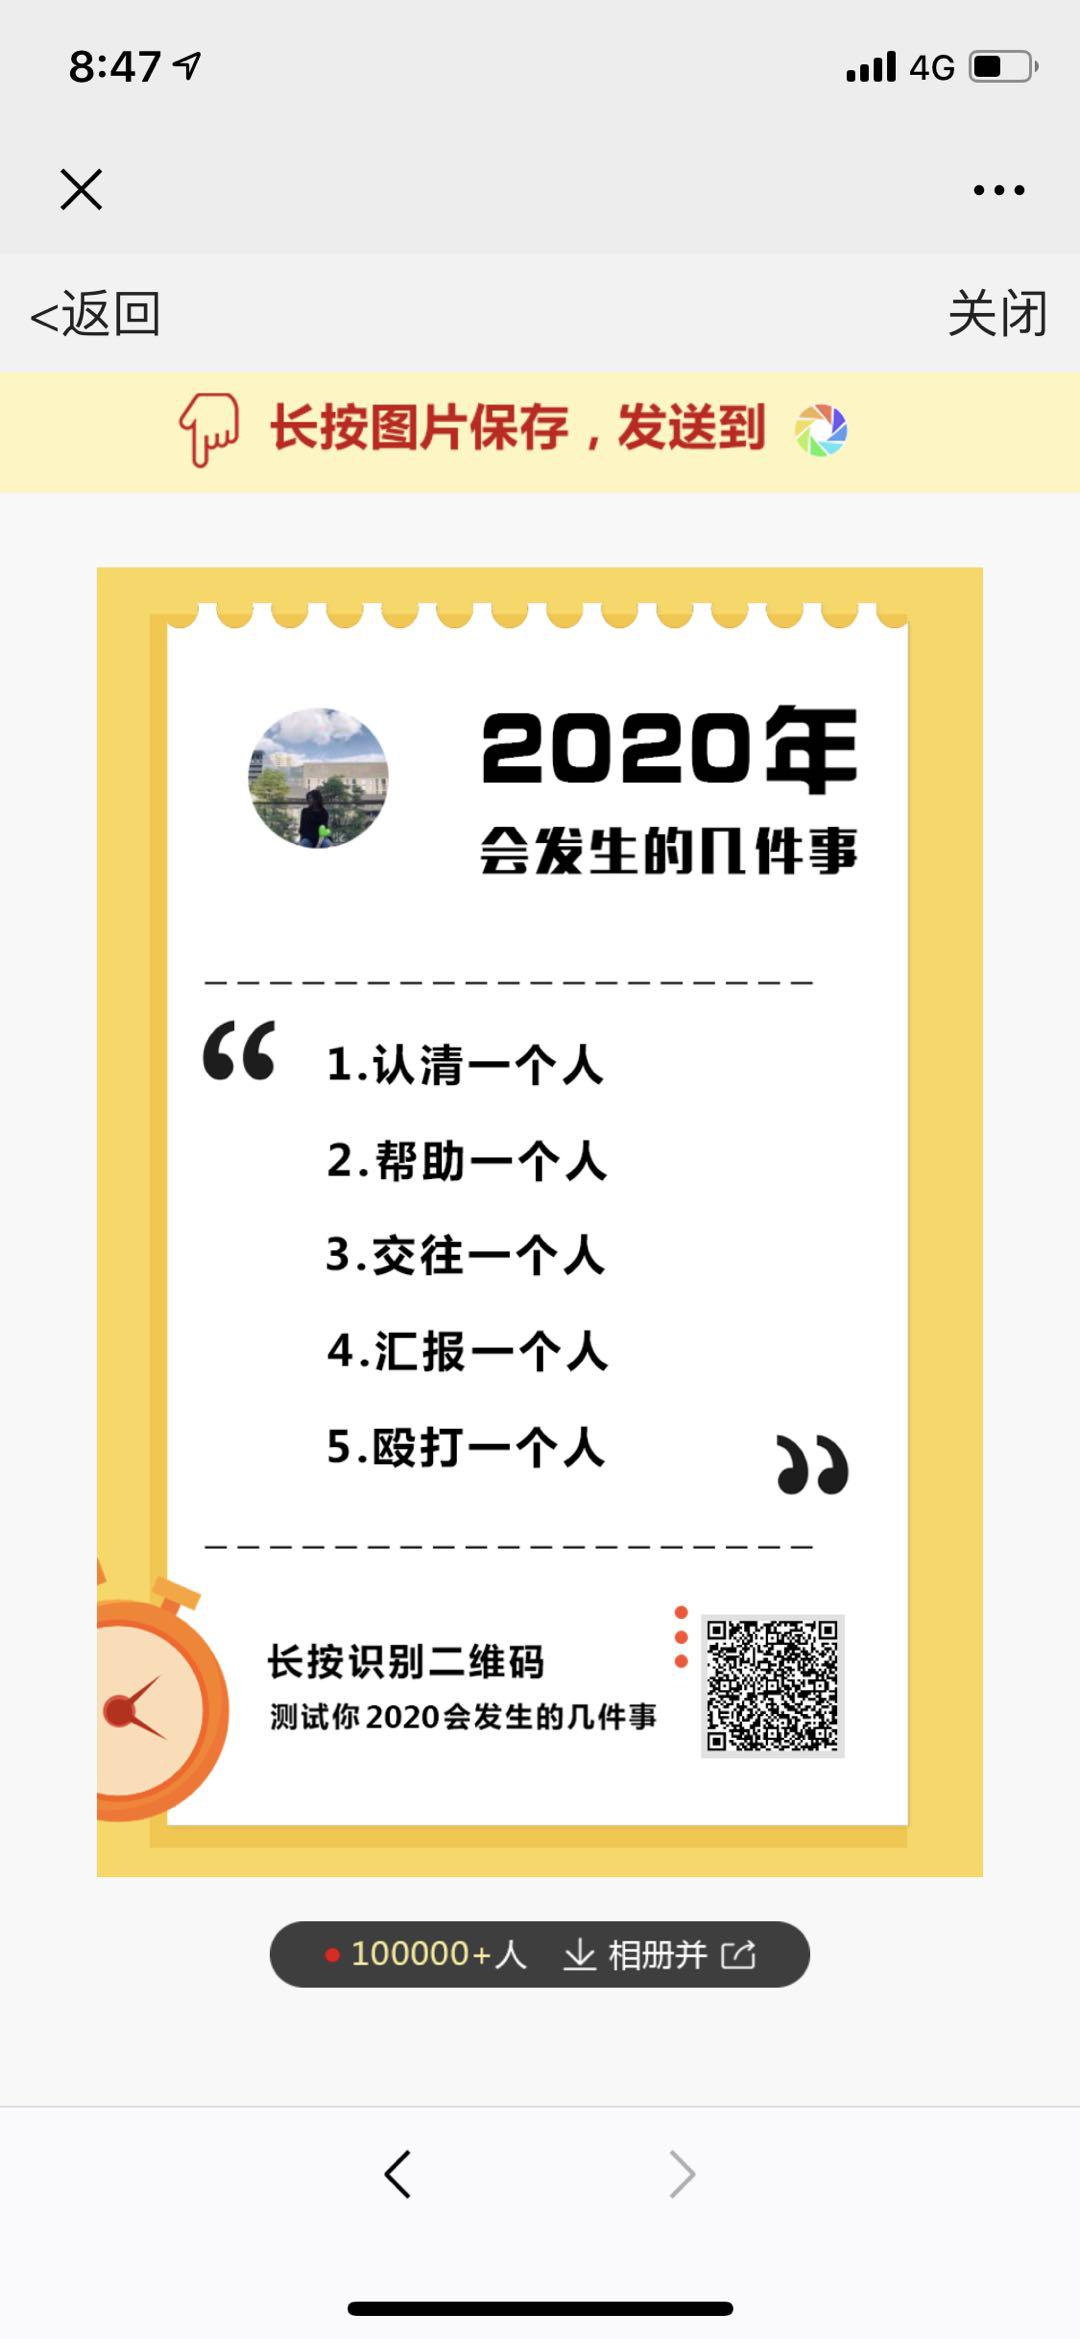 2020年会发生的几件事微信测试官网网址图1: